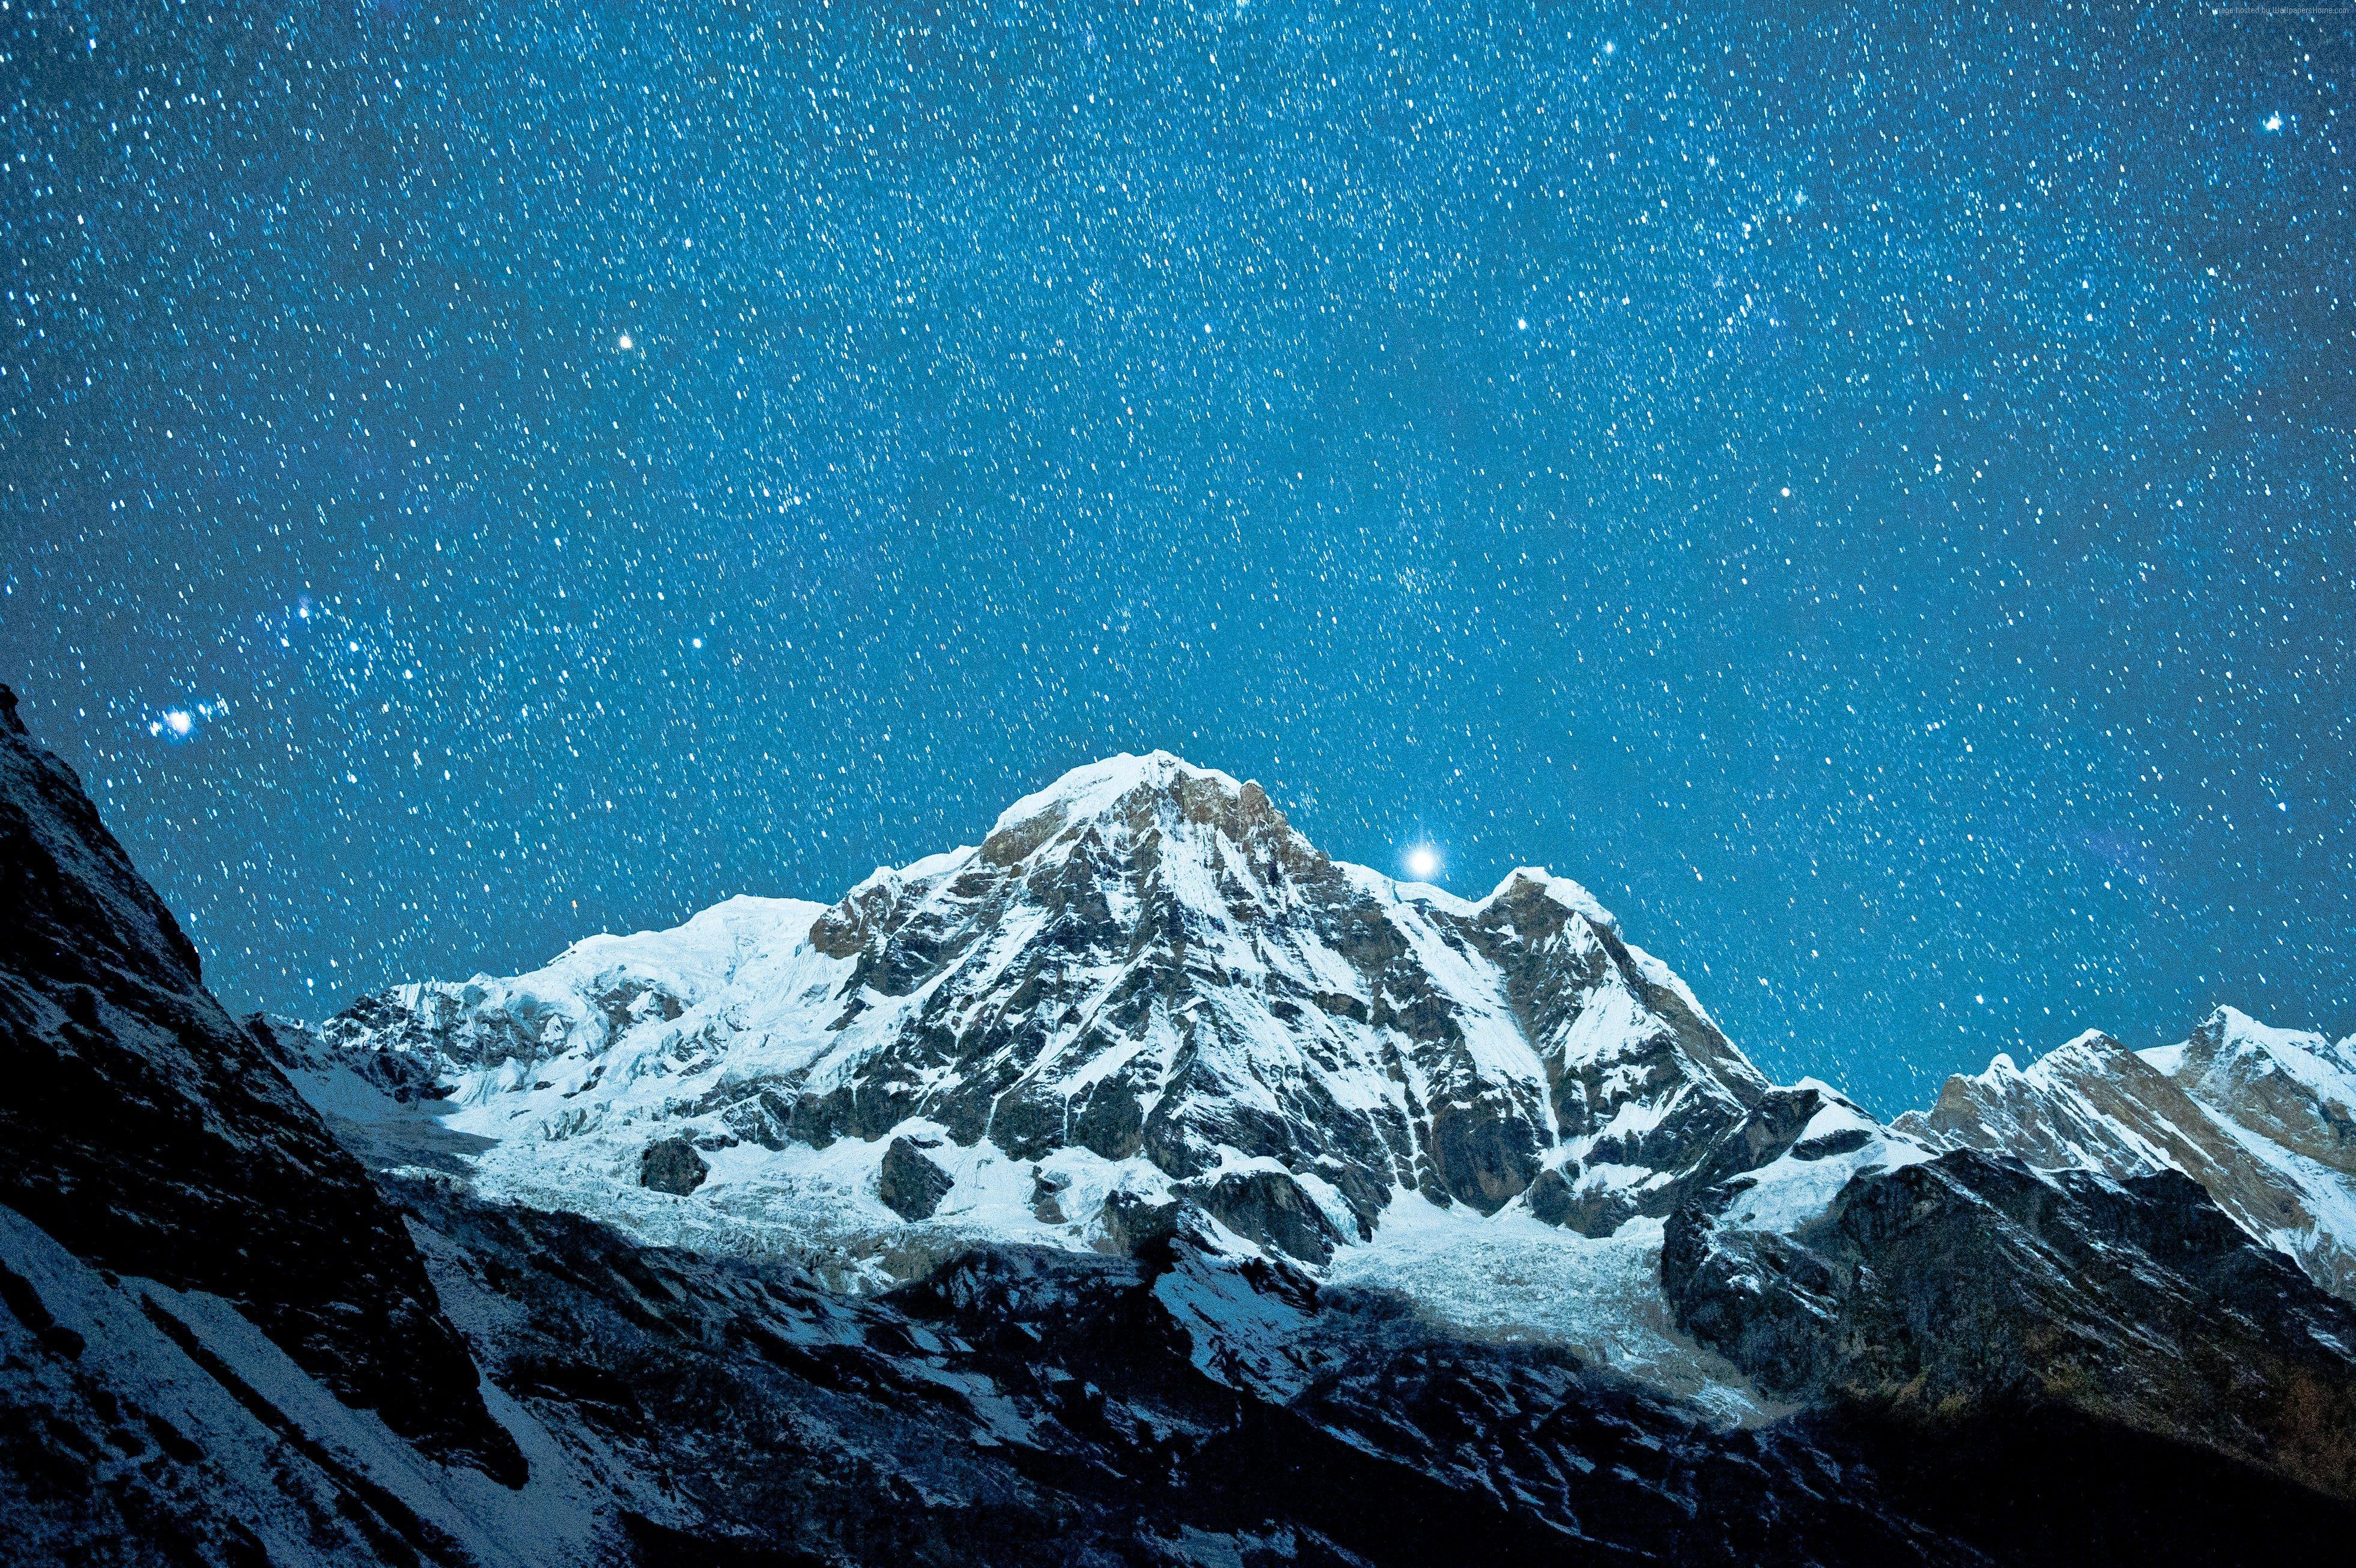 Himalayas Wallpaper Os Himalayas Nepal Mountains Sky Clouds High Def Wallpapers Hd Wallpaper 4k Mountain Images